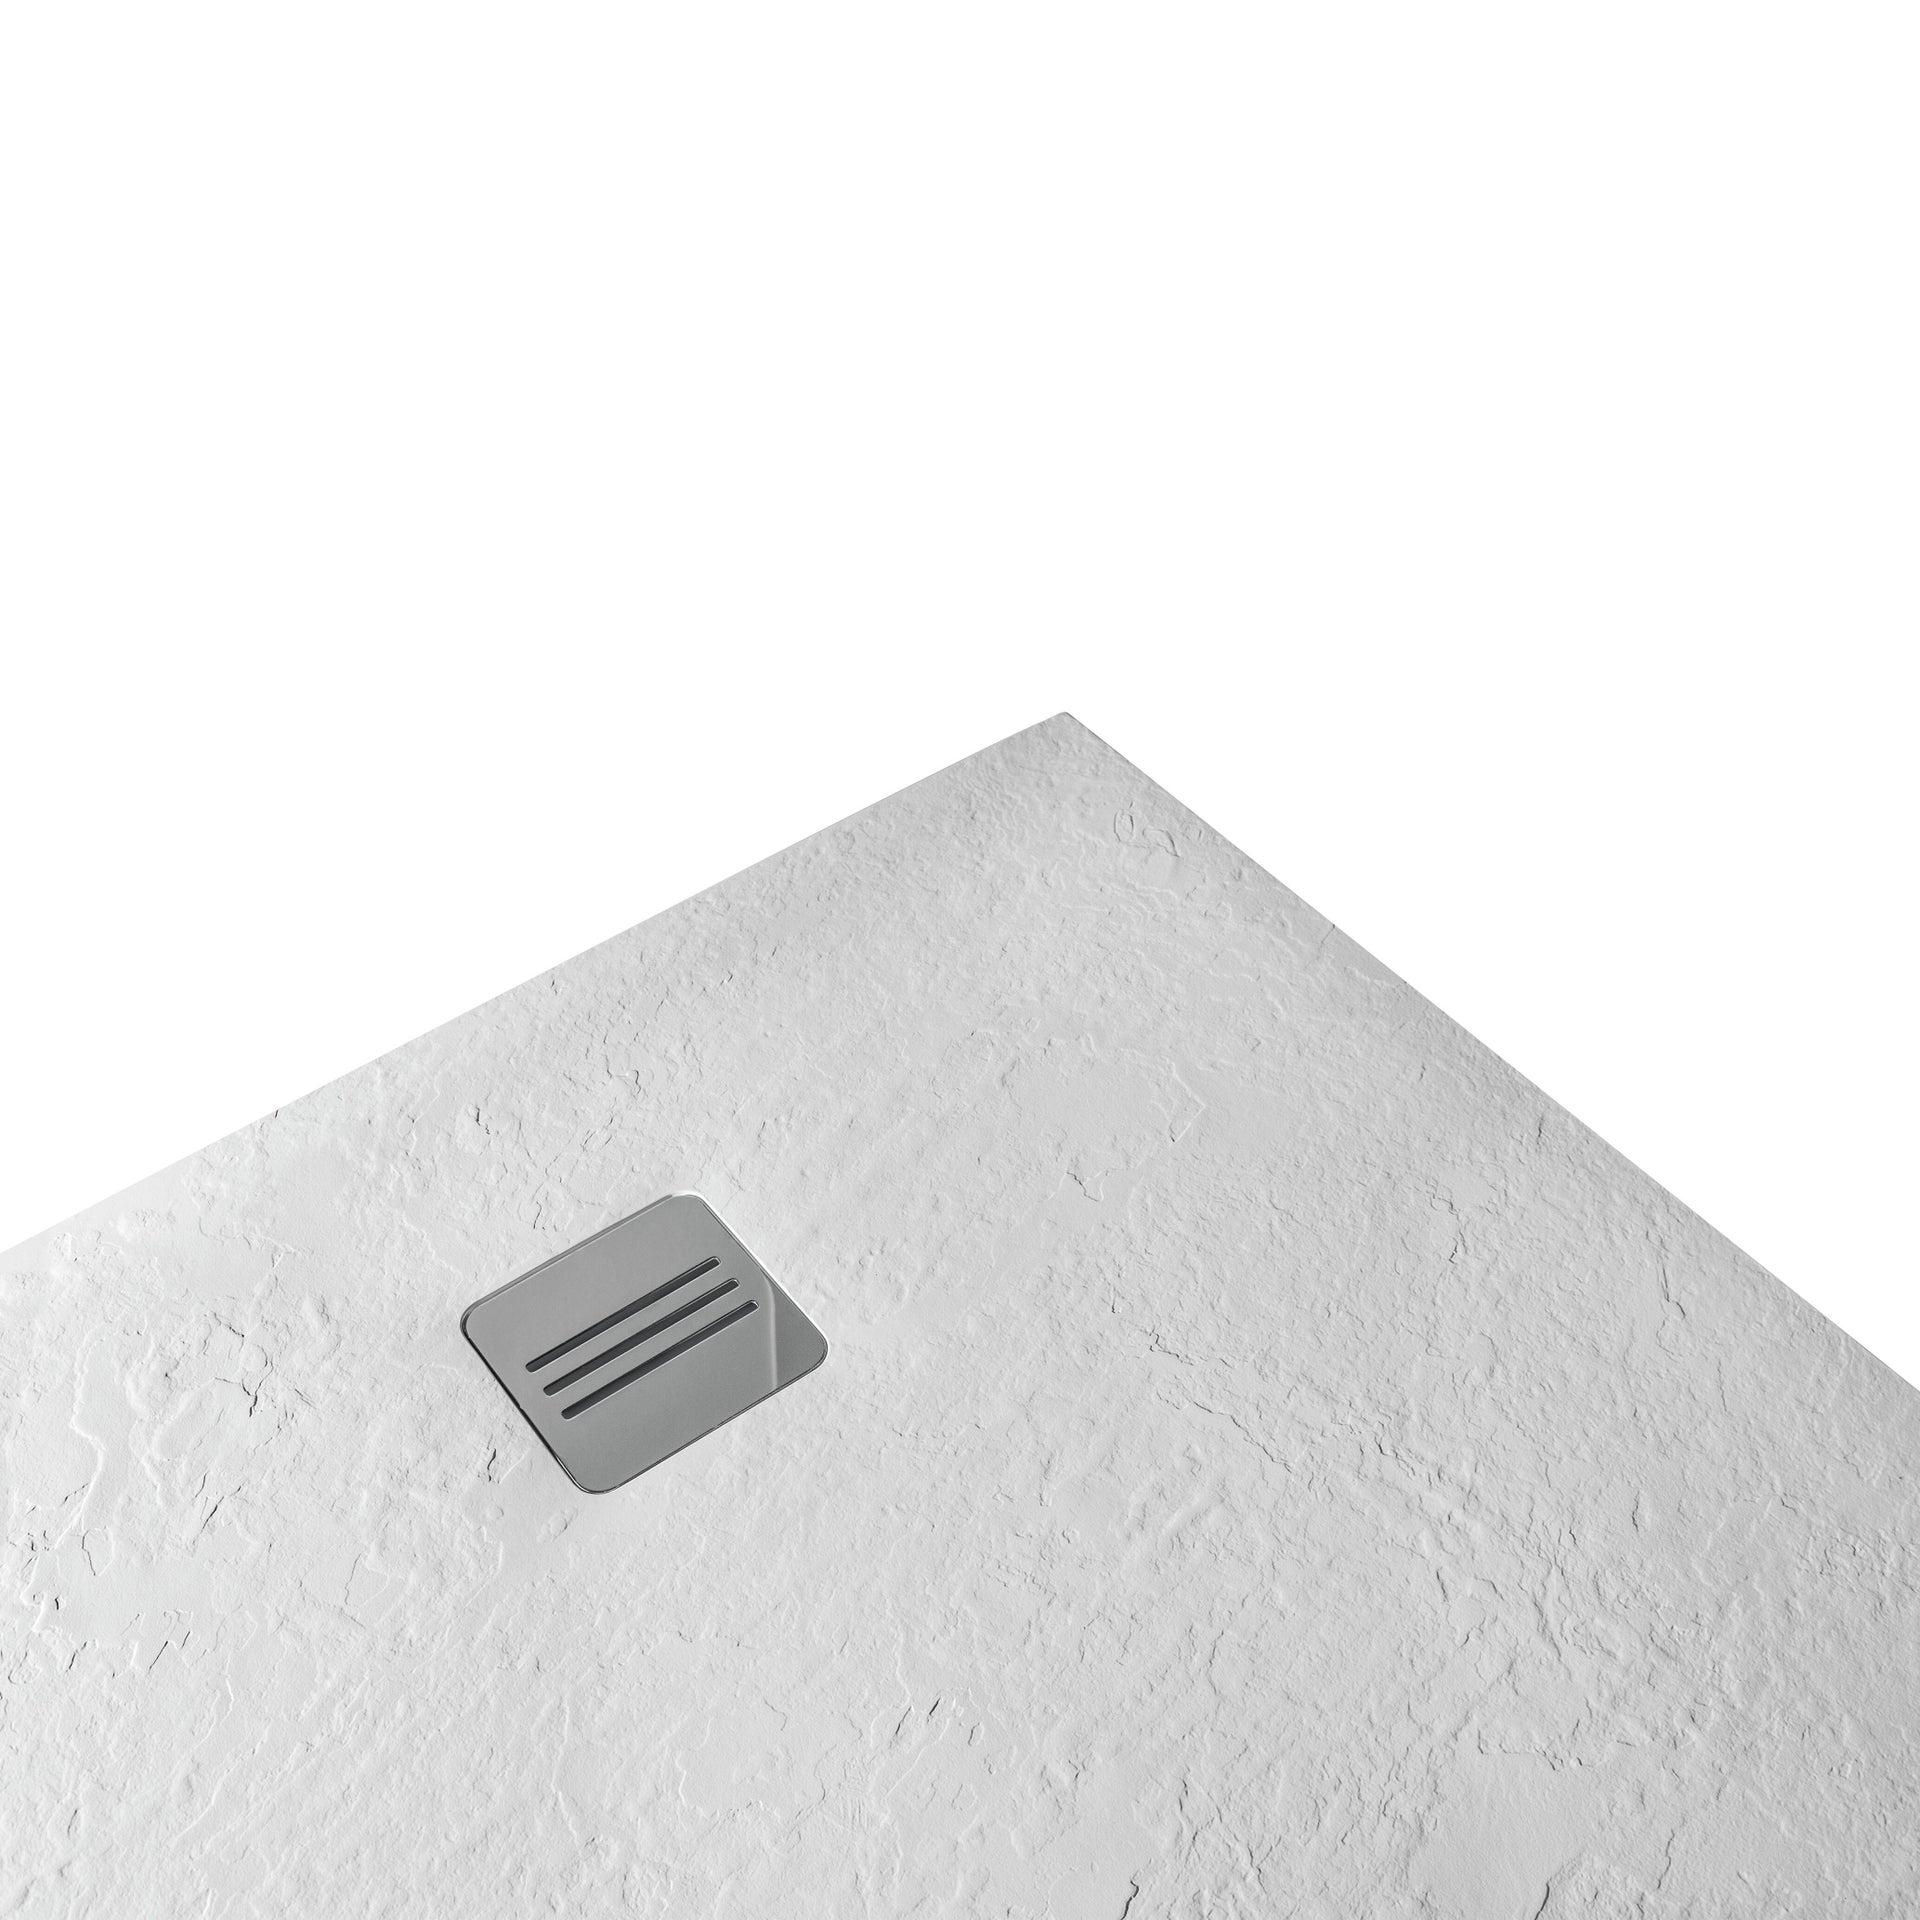 Piatto doccia ultrasottile resina sintetica e polvere di marmo Remix 70 x 120 cm bianco - 2